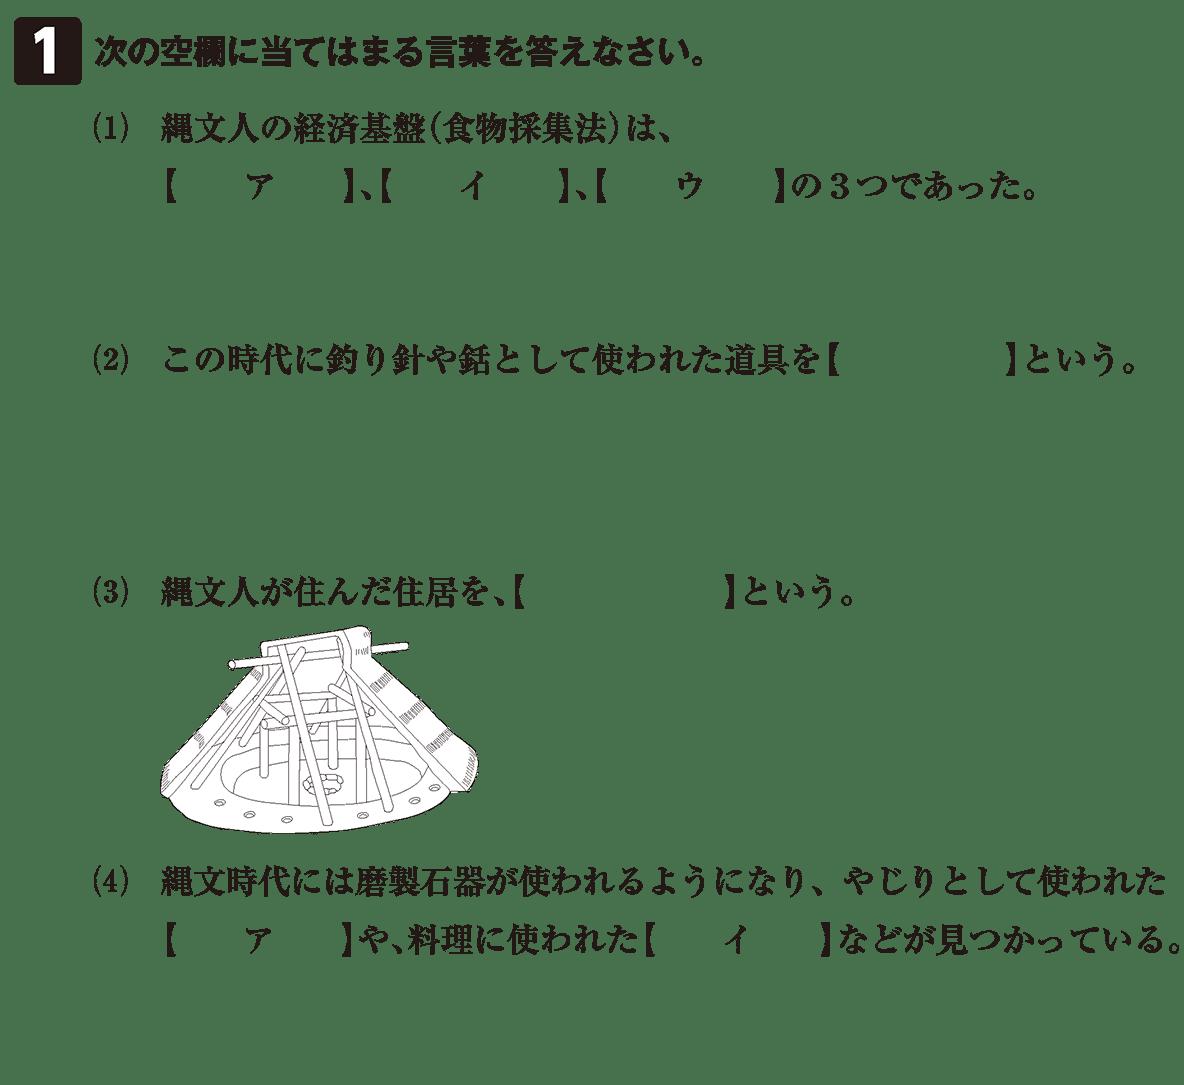 縄文時代3 問題1 カッコ空欄